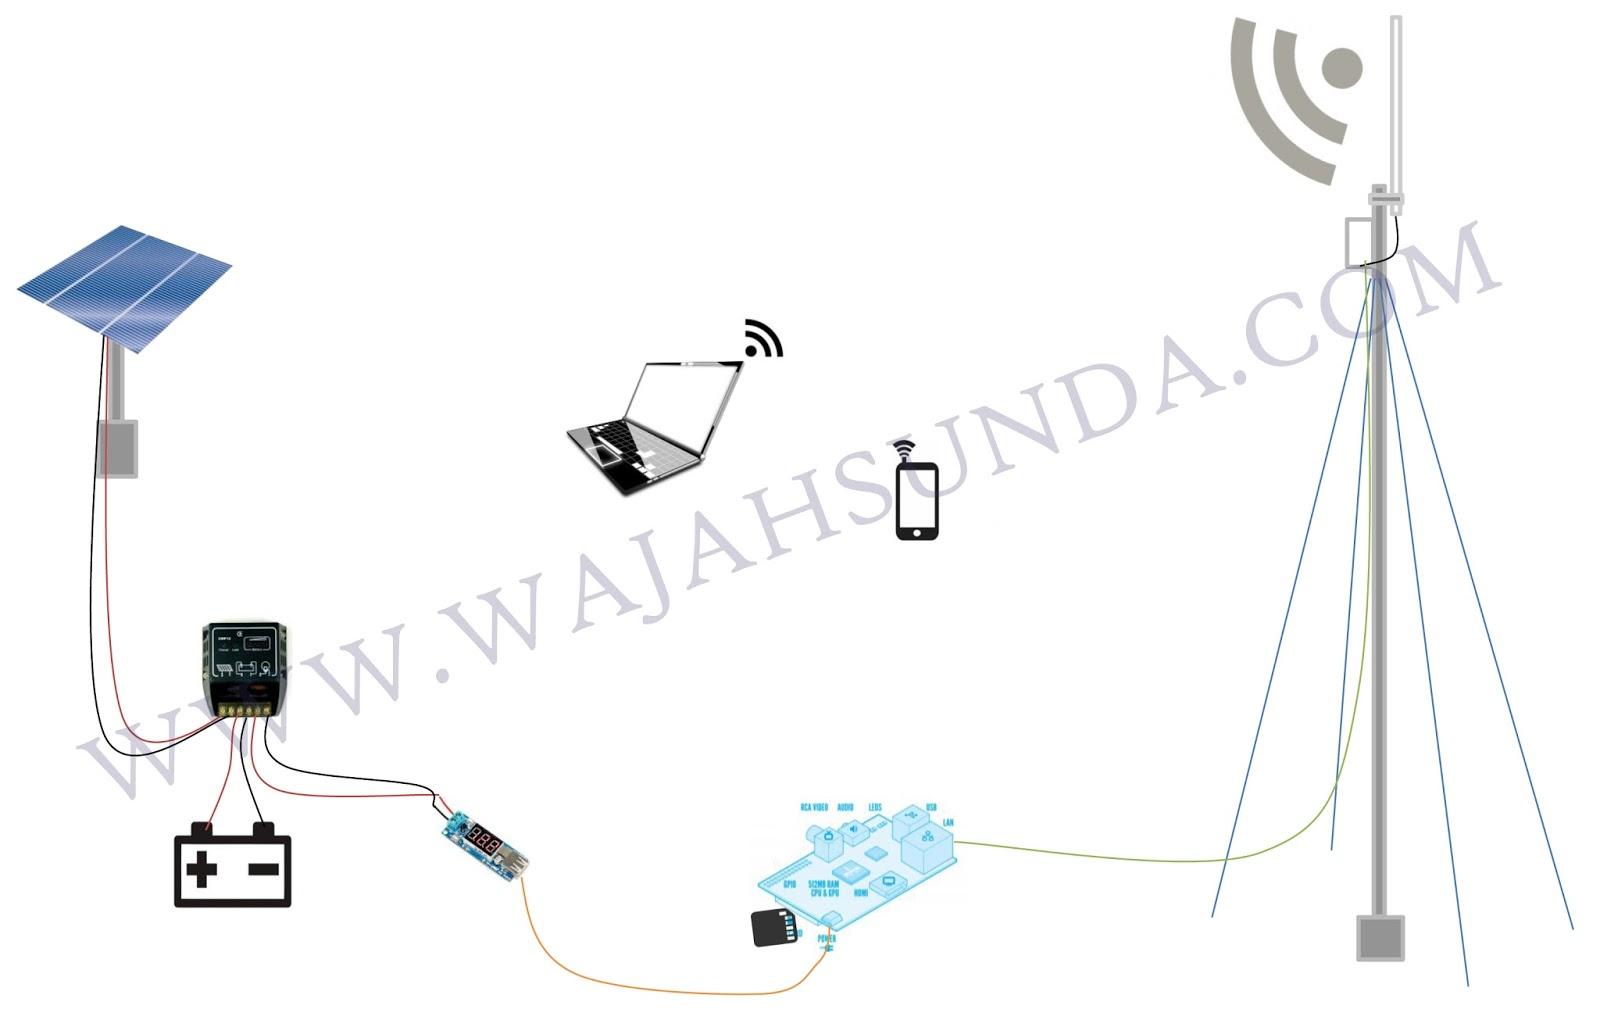 Membangun infrastruktur voip server dengan memanfaatkan energi beberapa perangkat yang harus di sediakan diantaranya ccuart Images